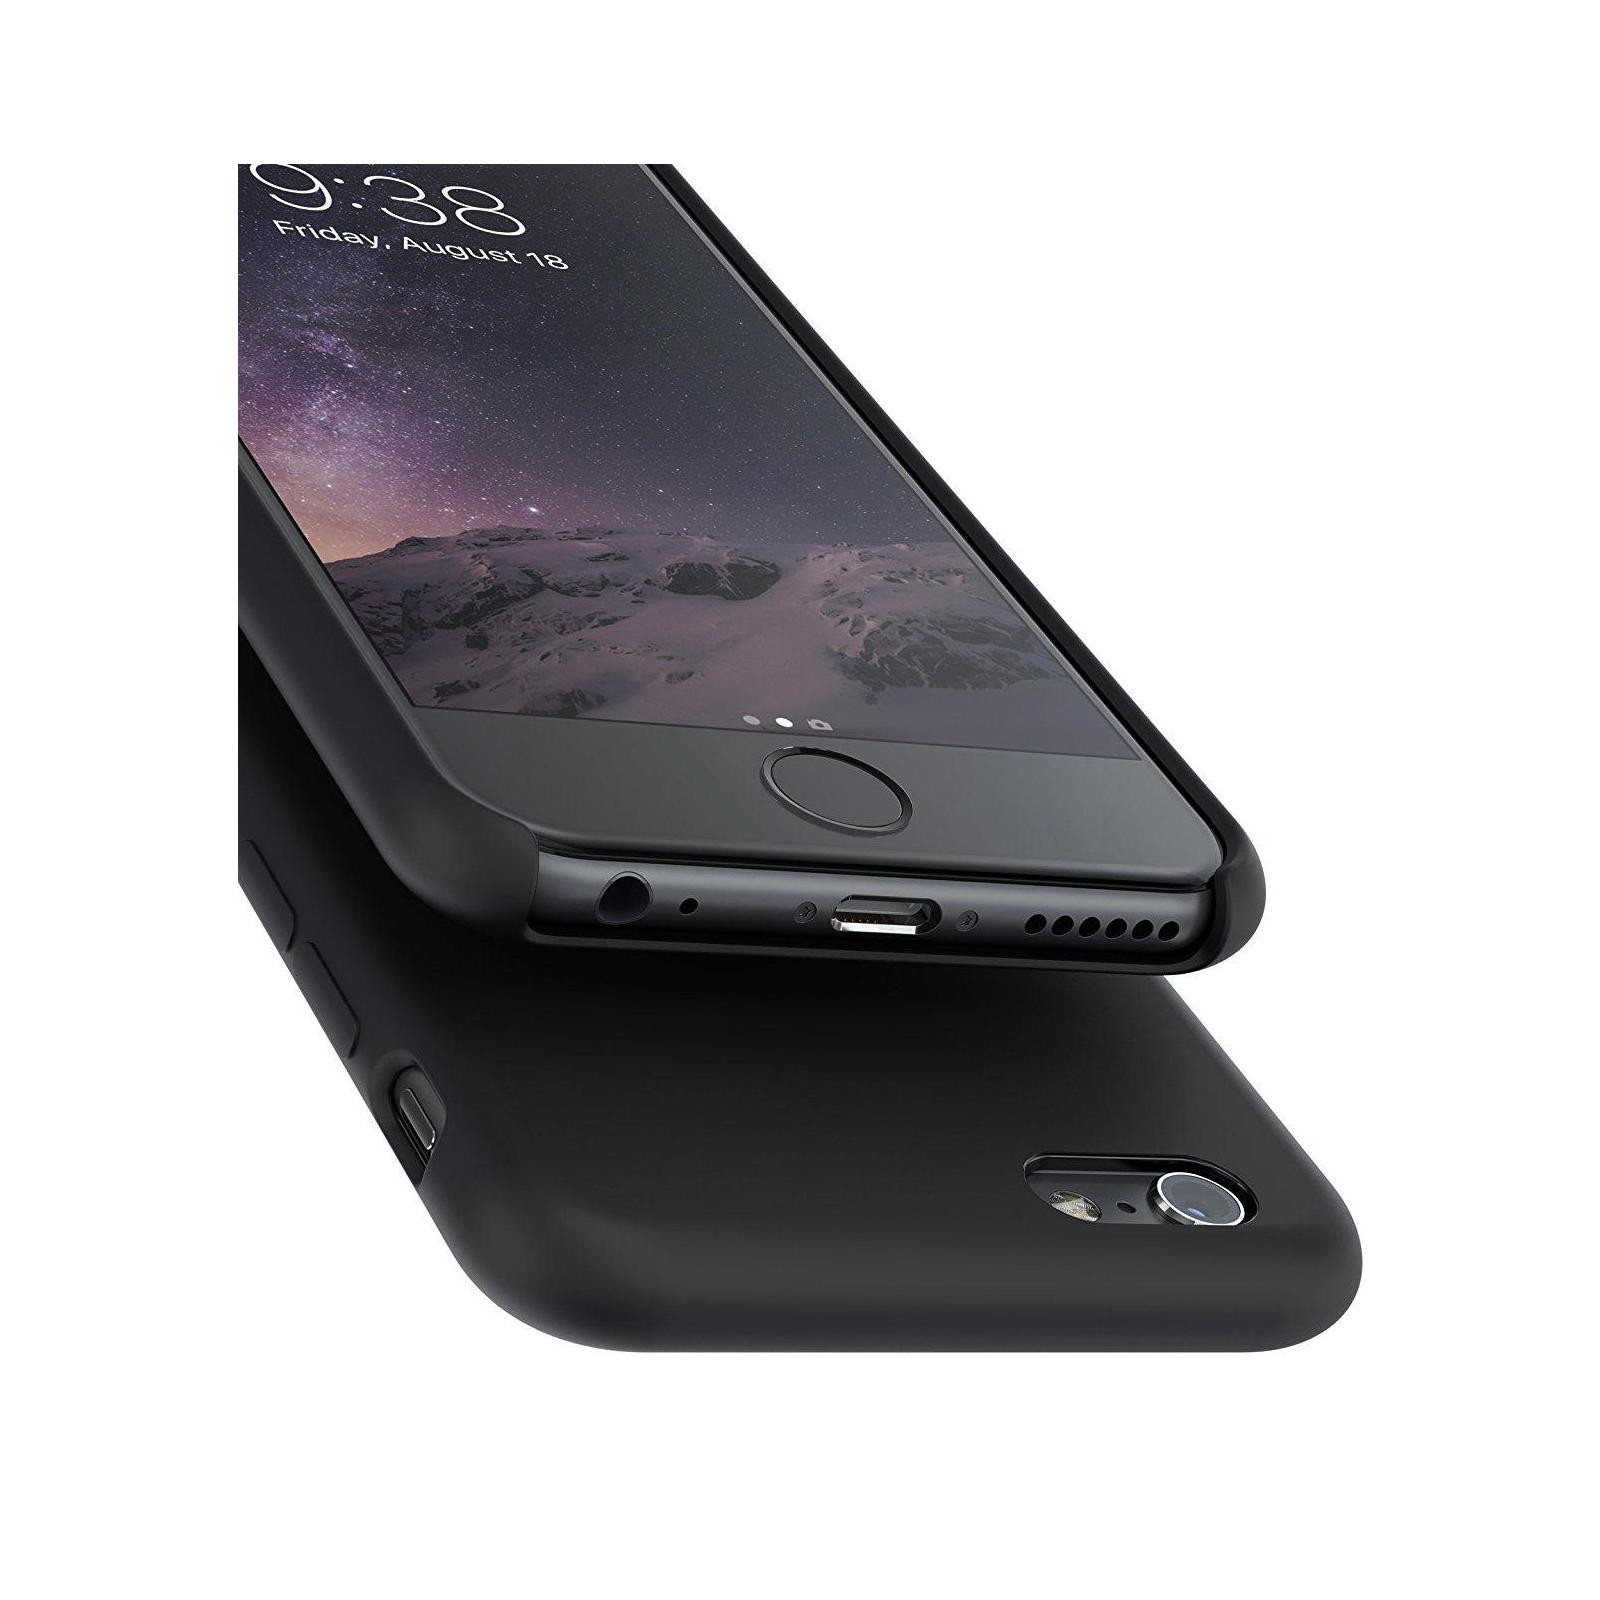 Чехол для моб. телефона Laudtec для iPhone 6/6s liquid case (black) (LT-I6LC) изображение 4